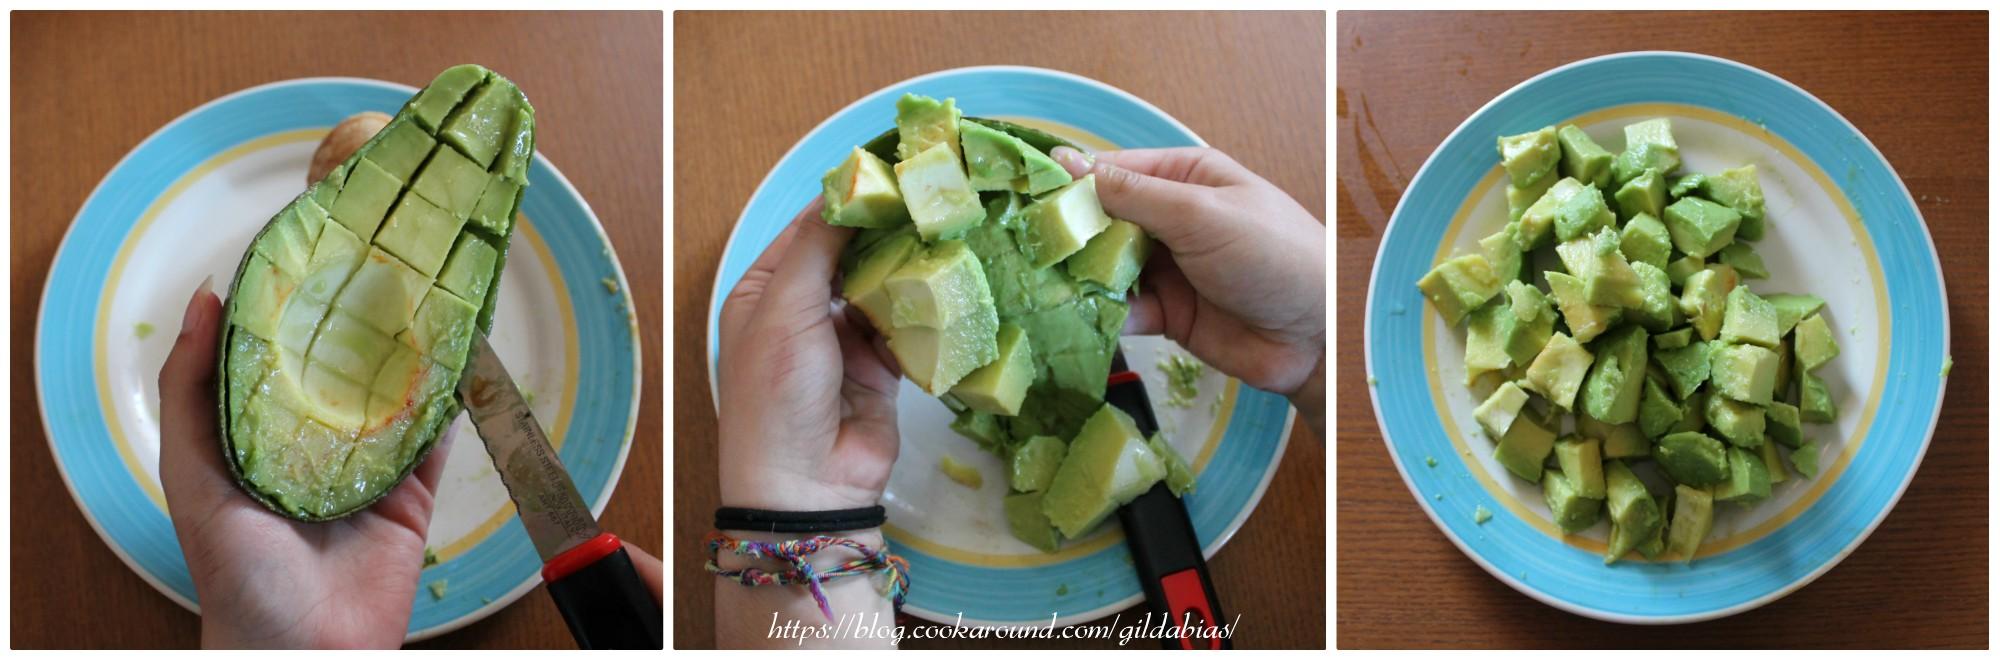 sbucciare un avocado